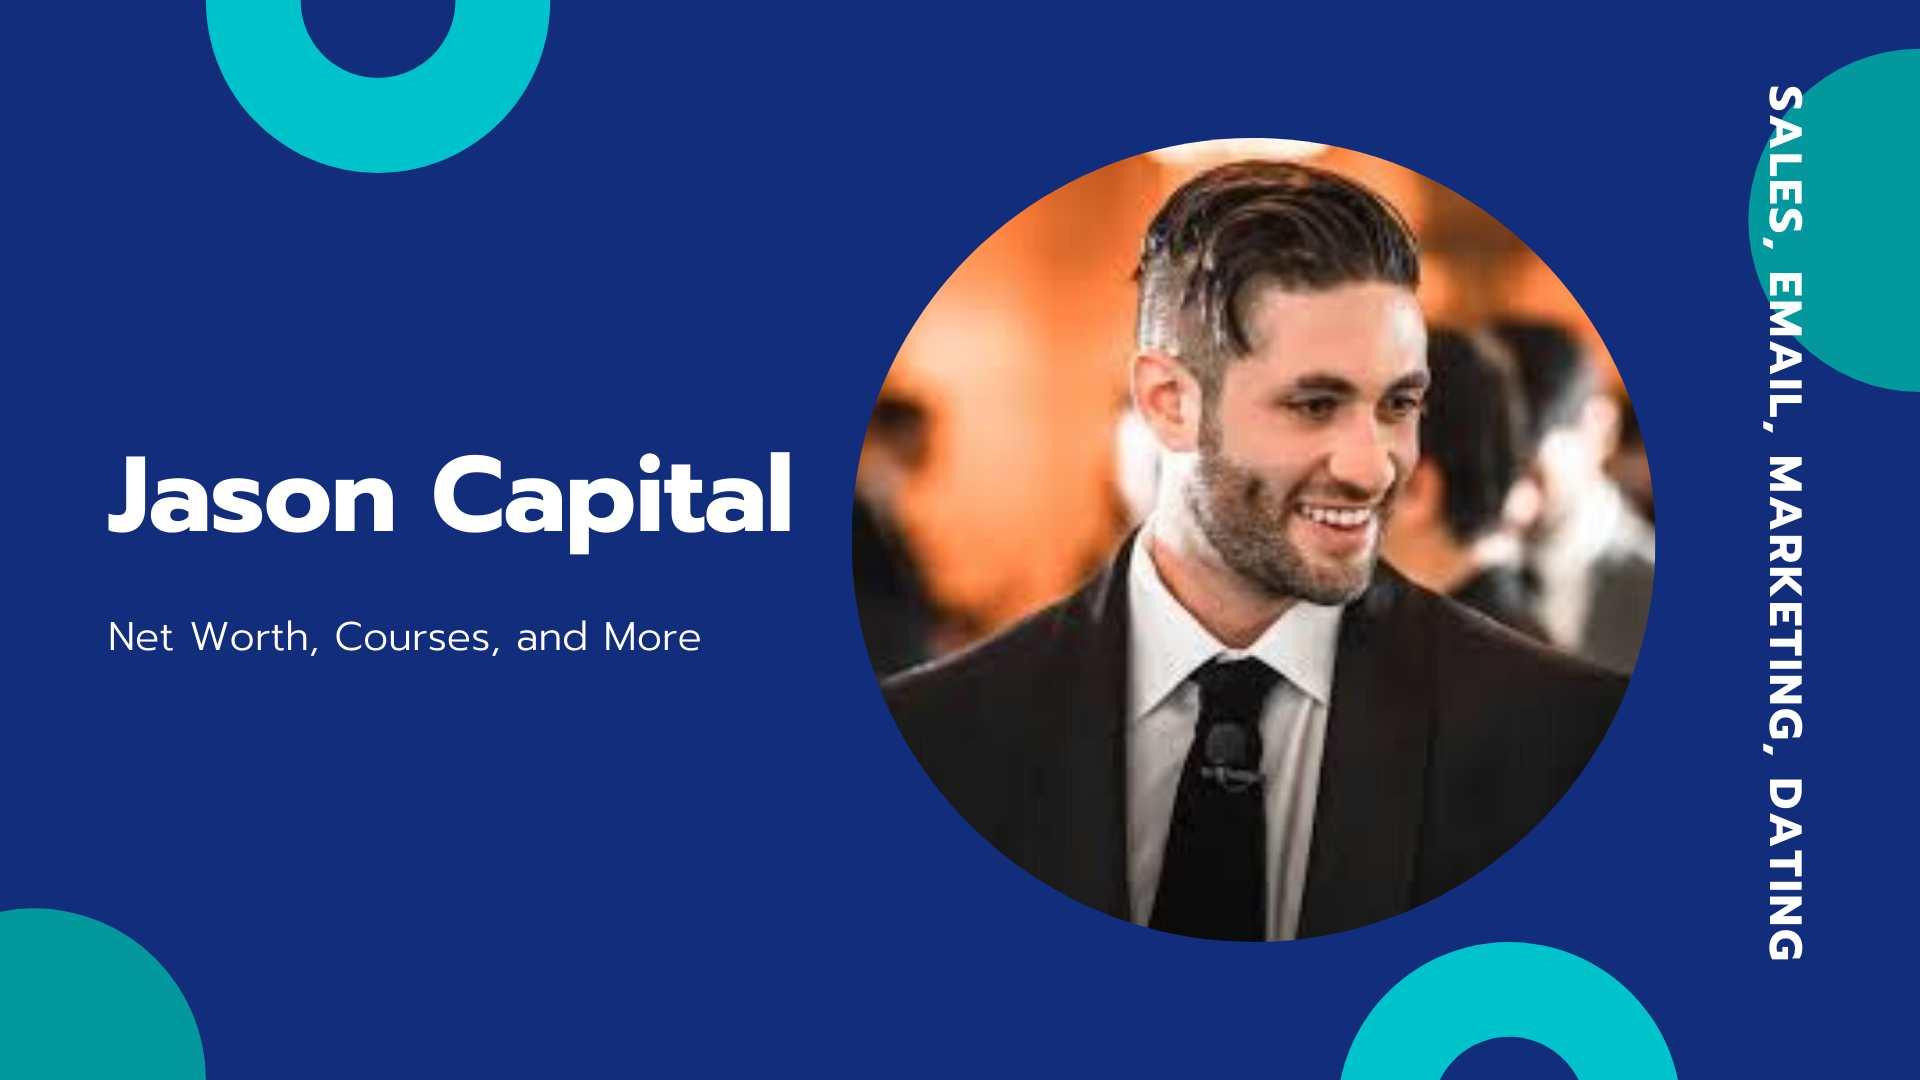 Jason Capital